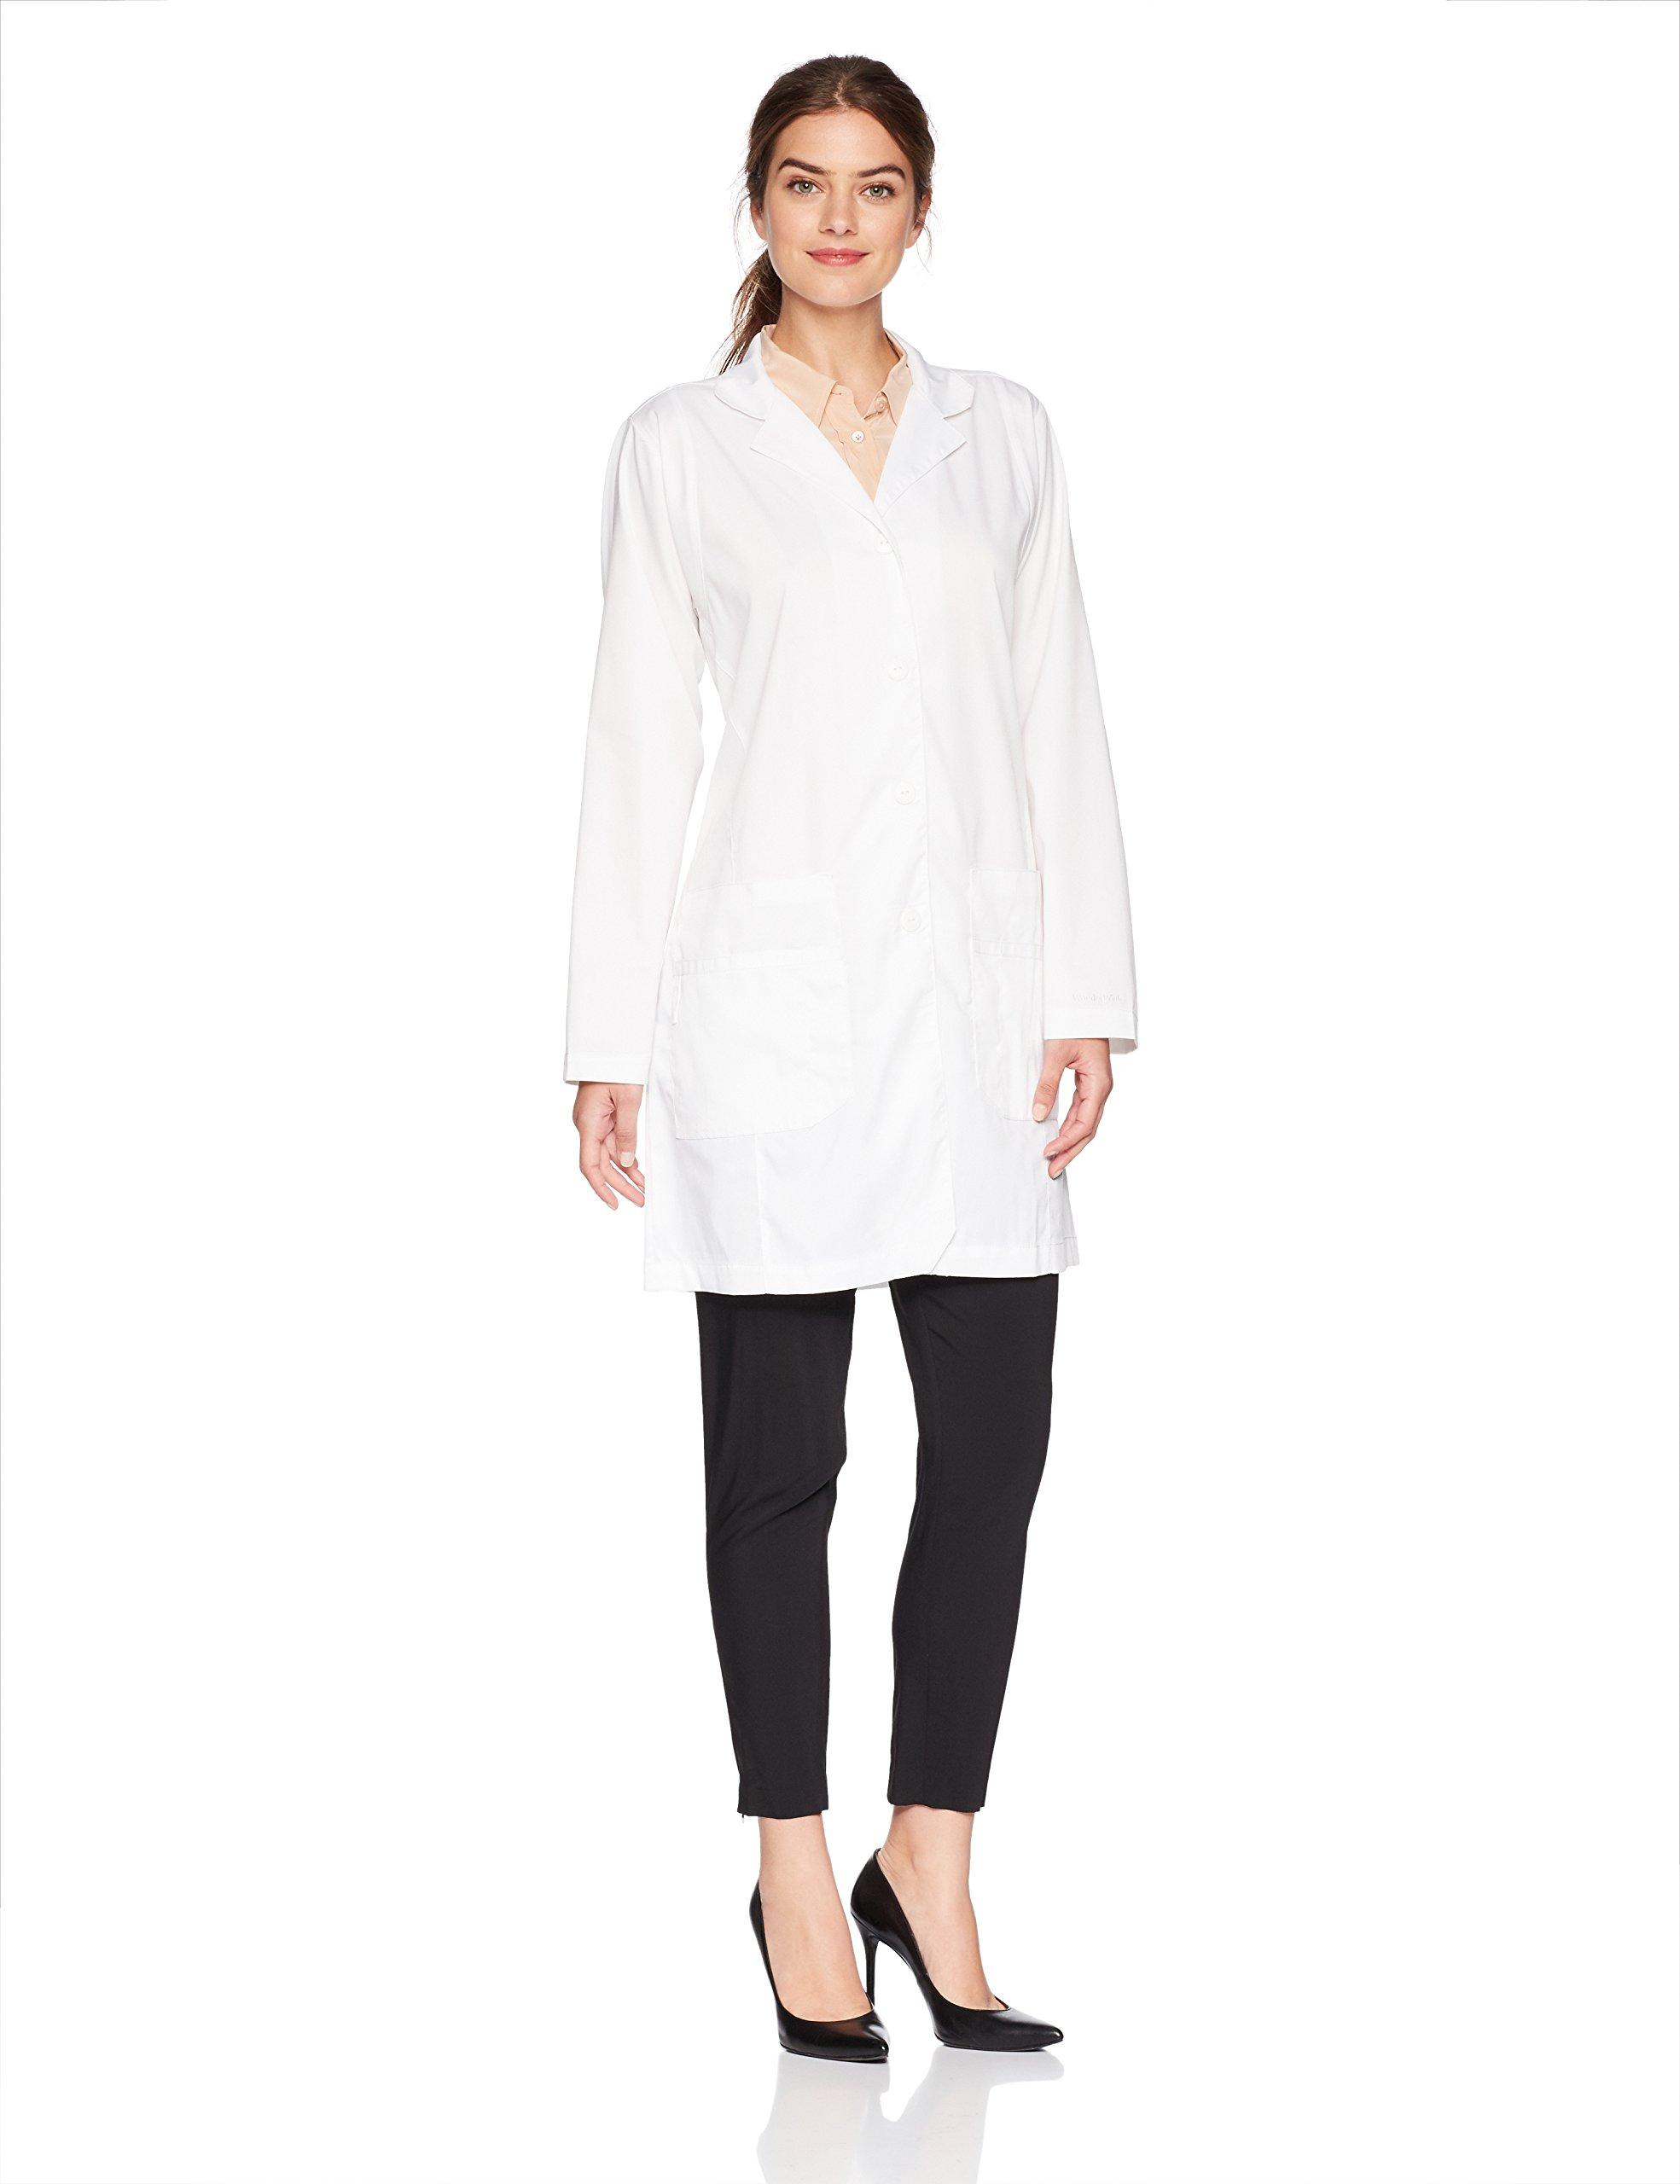 WonderWink Women's Plus Size Fashion Lab Coat, White, 2X-Large